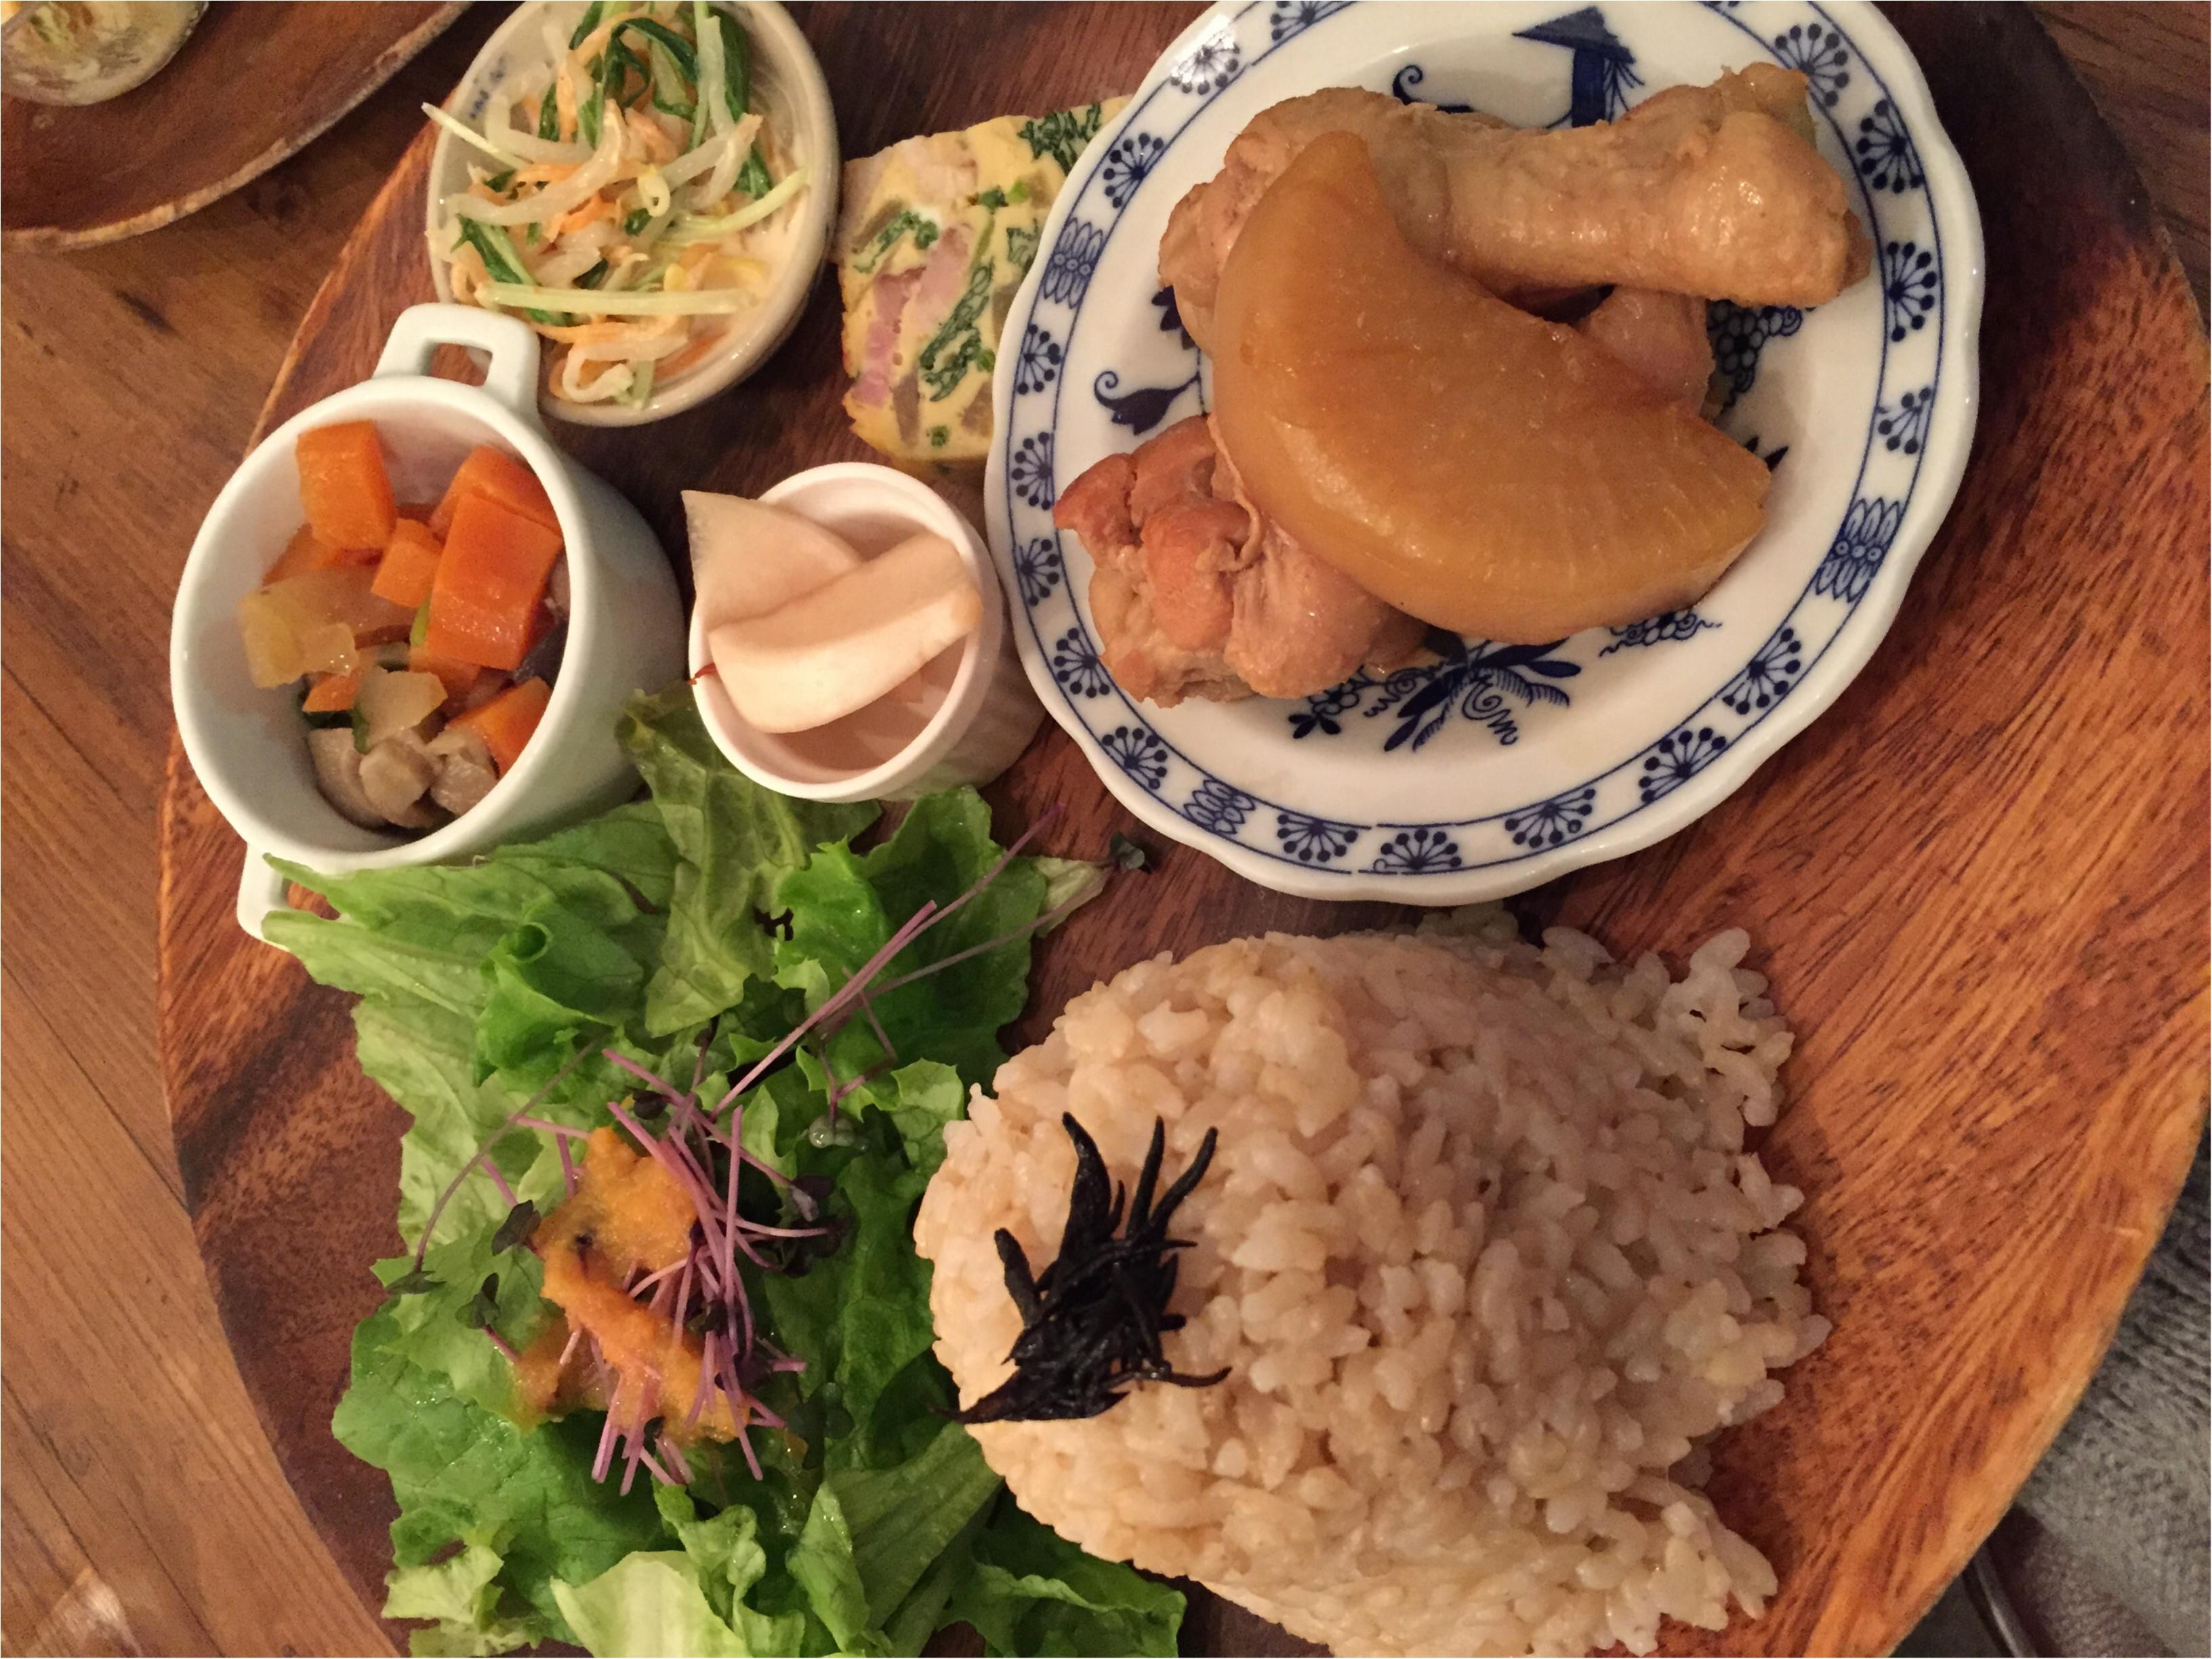 ♡自由が丘のおしゃれカフェ♫食材、調味料にこだわったプレートを食べてみて!fetecafe♡_1